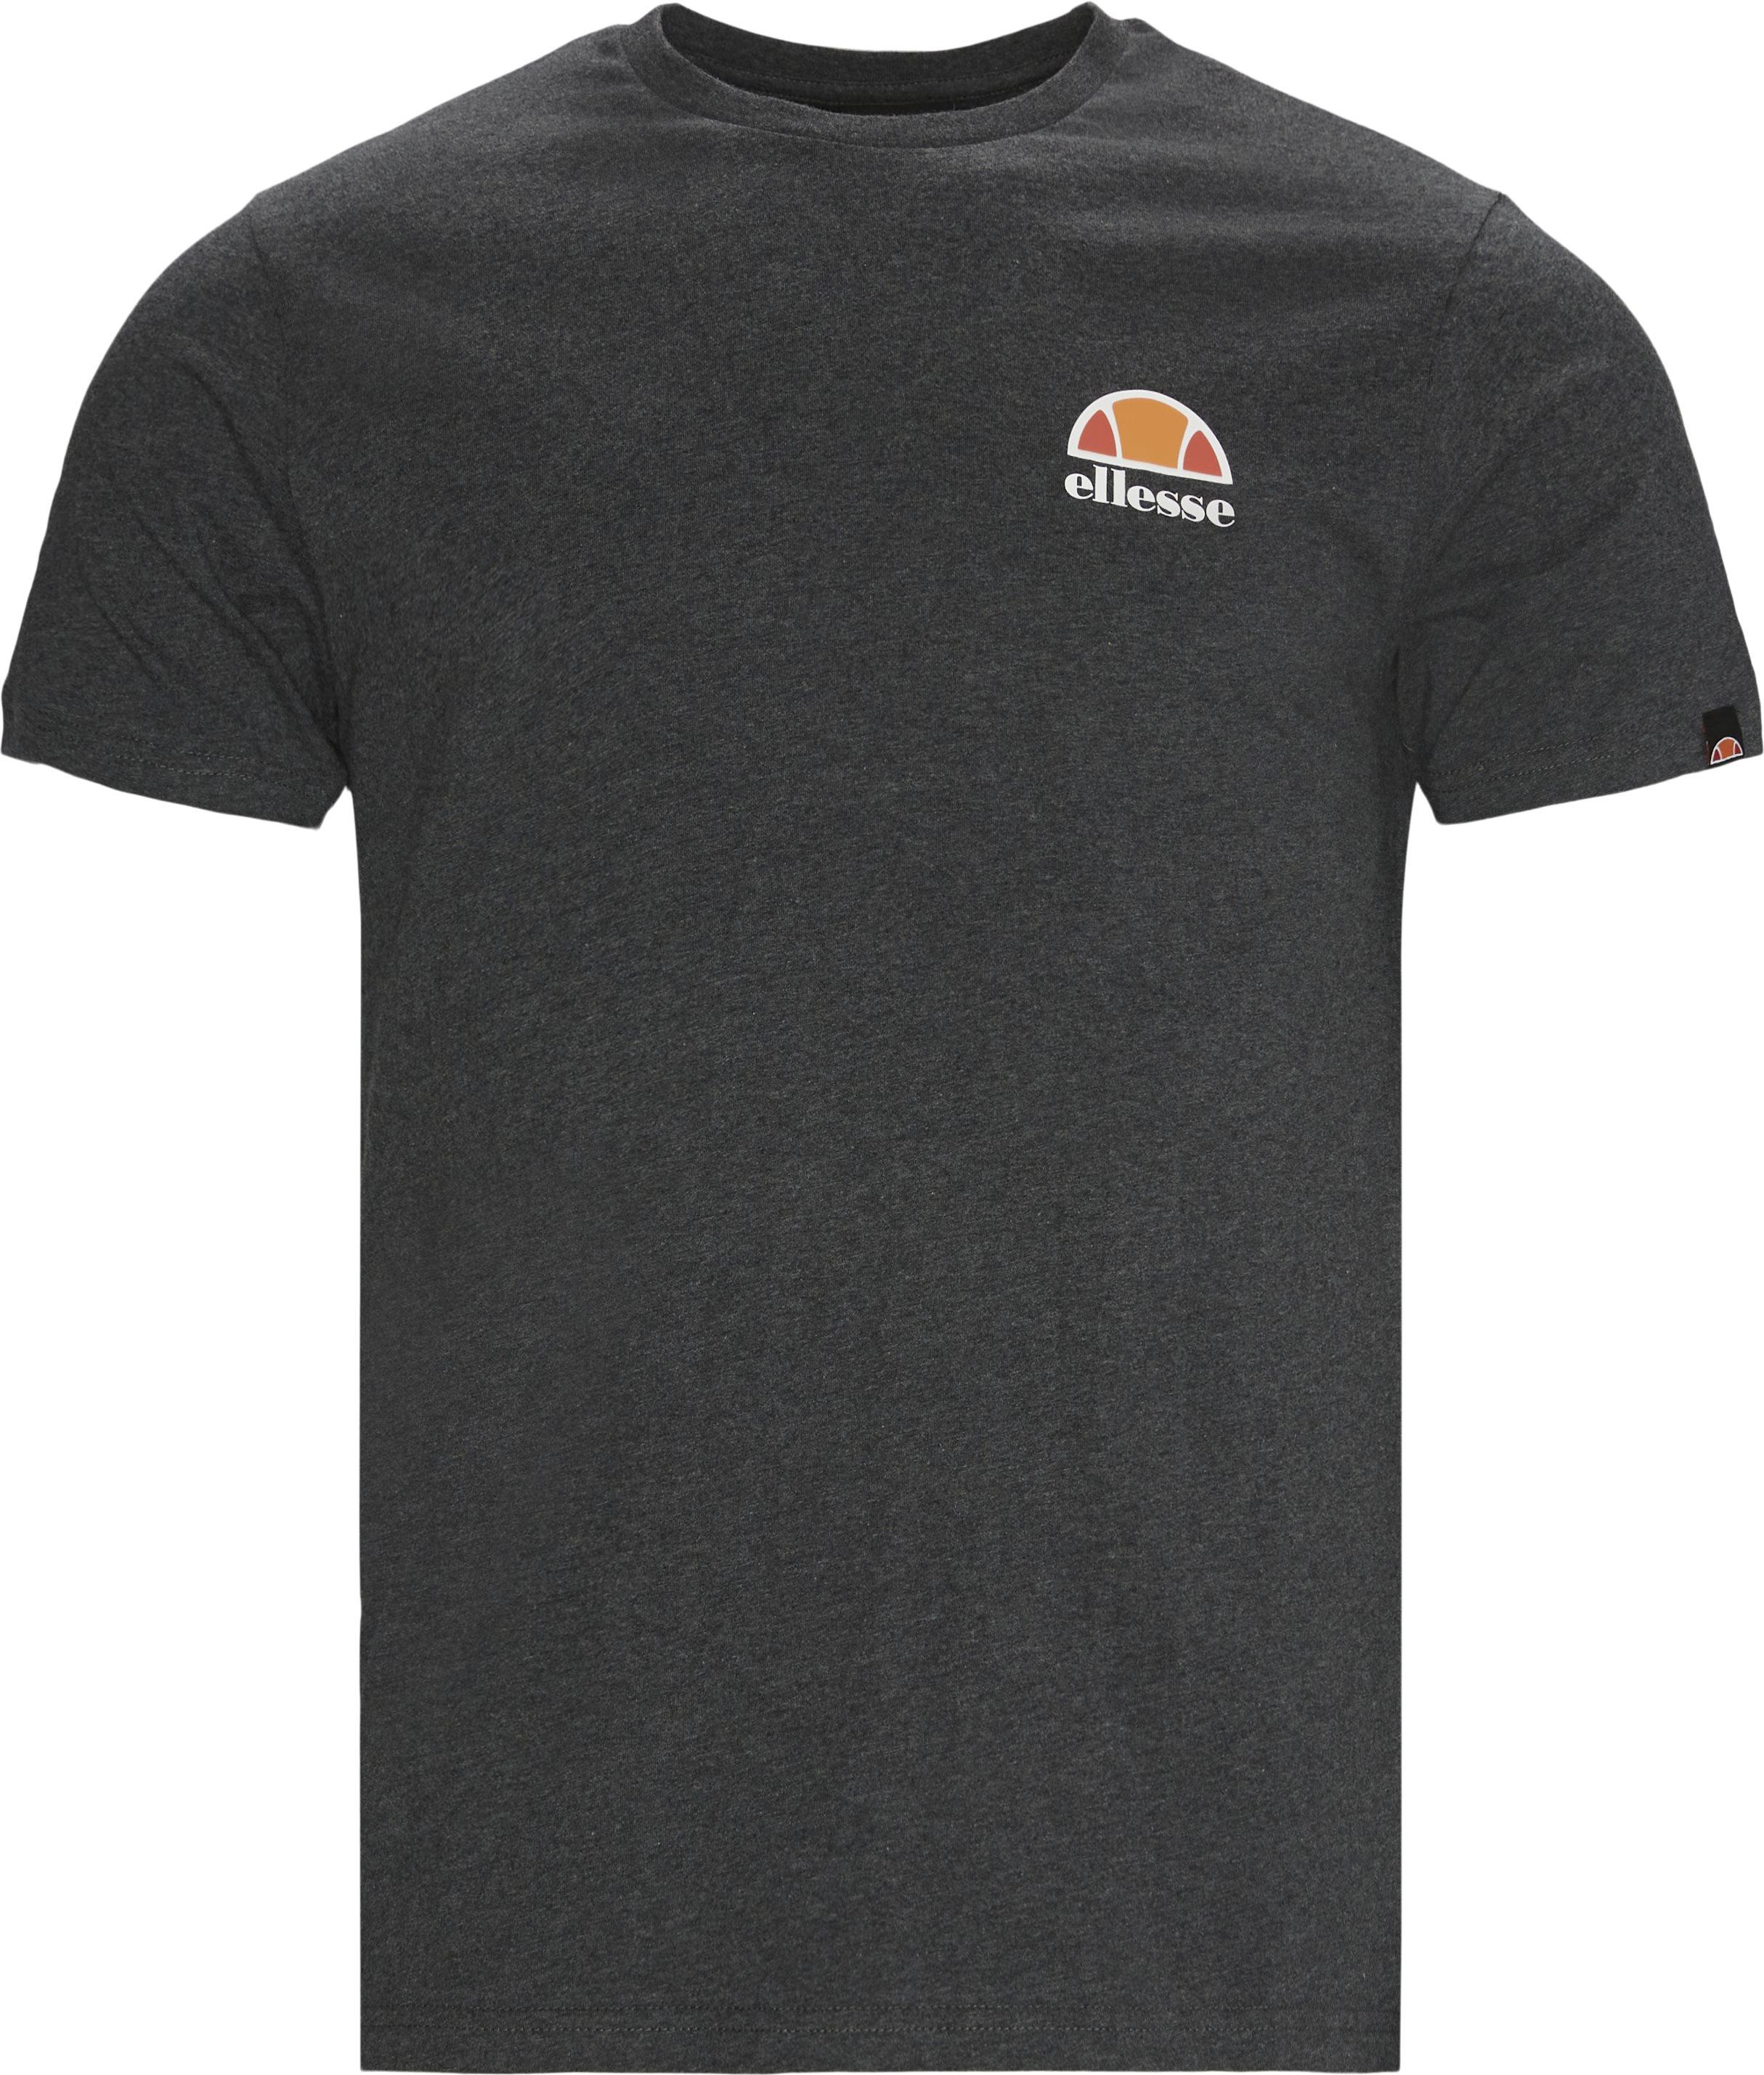 Canaletto T-shirt - T-shirts - Regular - Grå